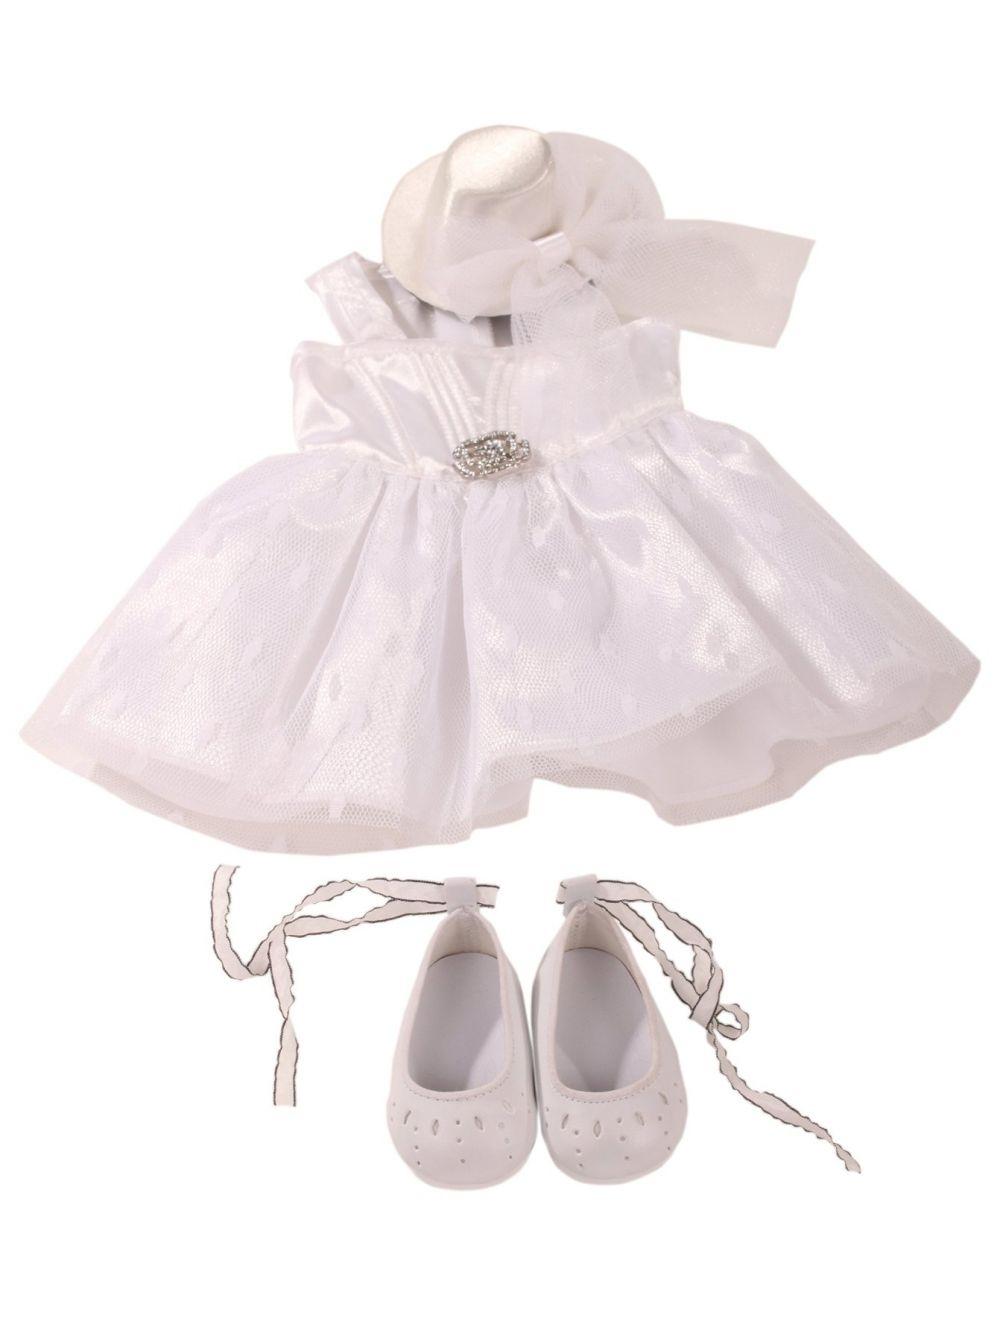 Pidulik komplekt whiteness - kleit, kübar, kingad 45-50 cm